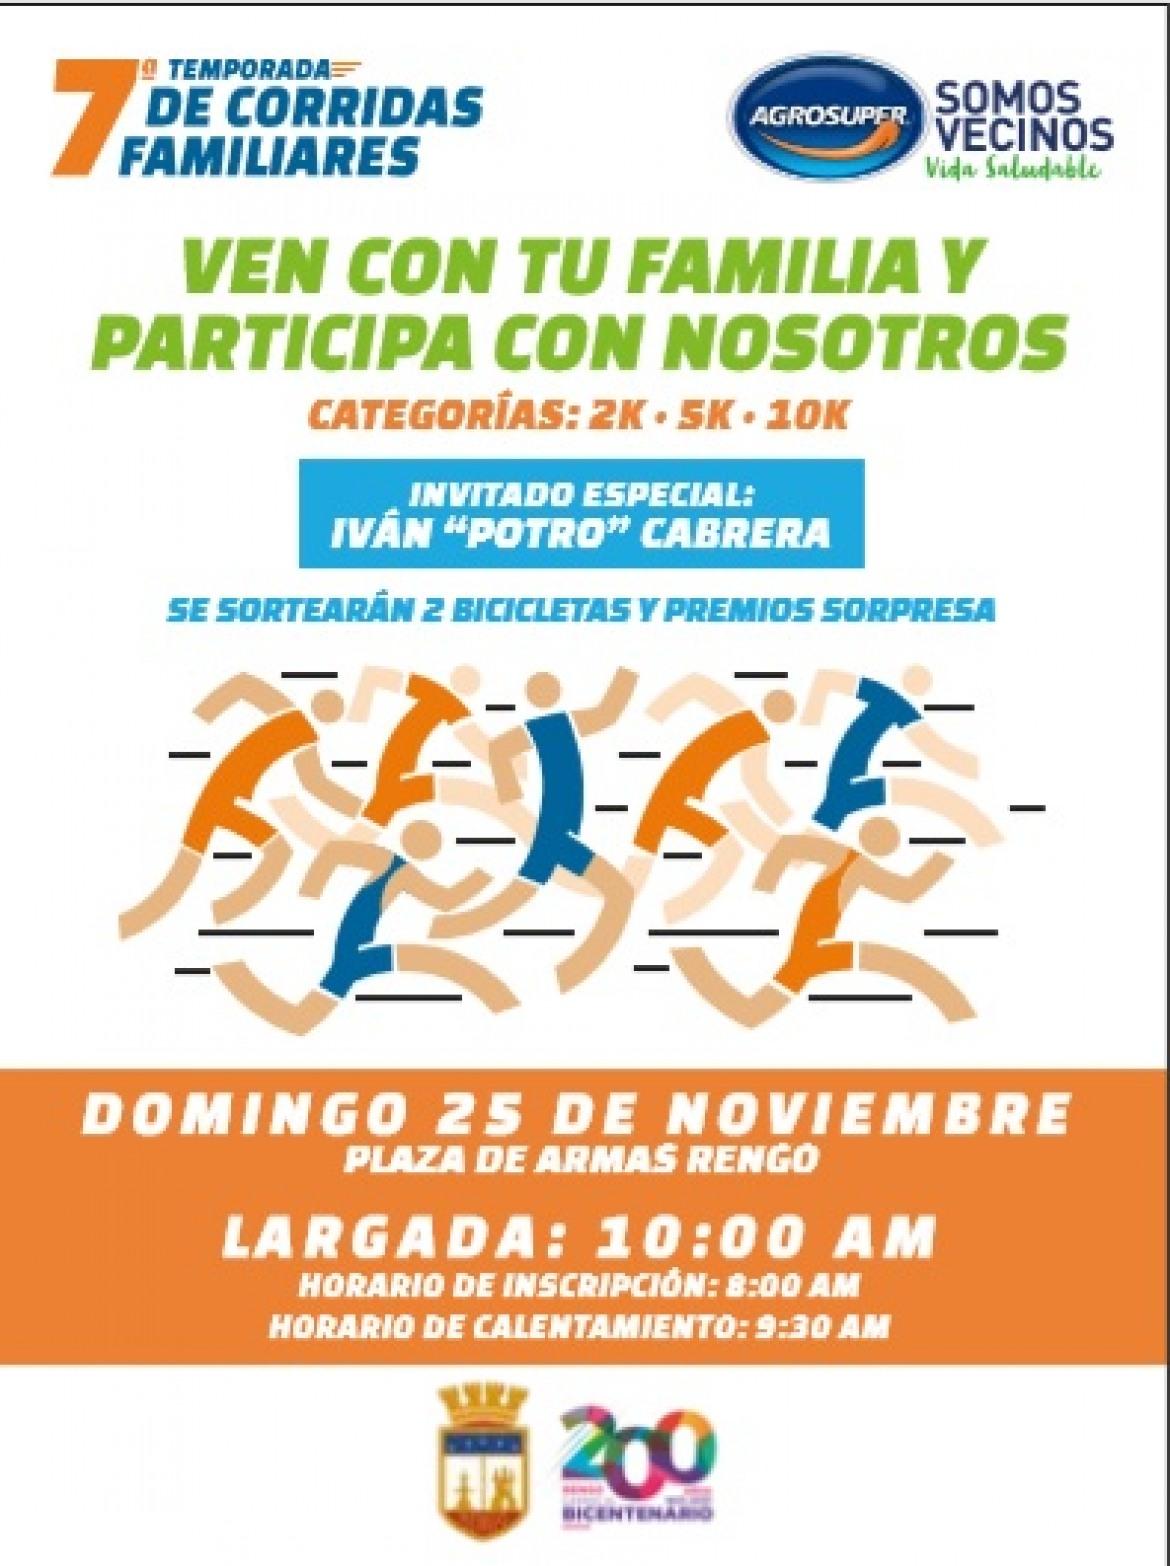 SE VIENE LA 7º TEMPORADA DE CORRIDAS FAMILIARES